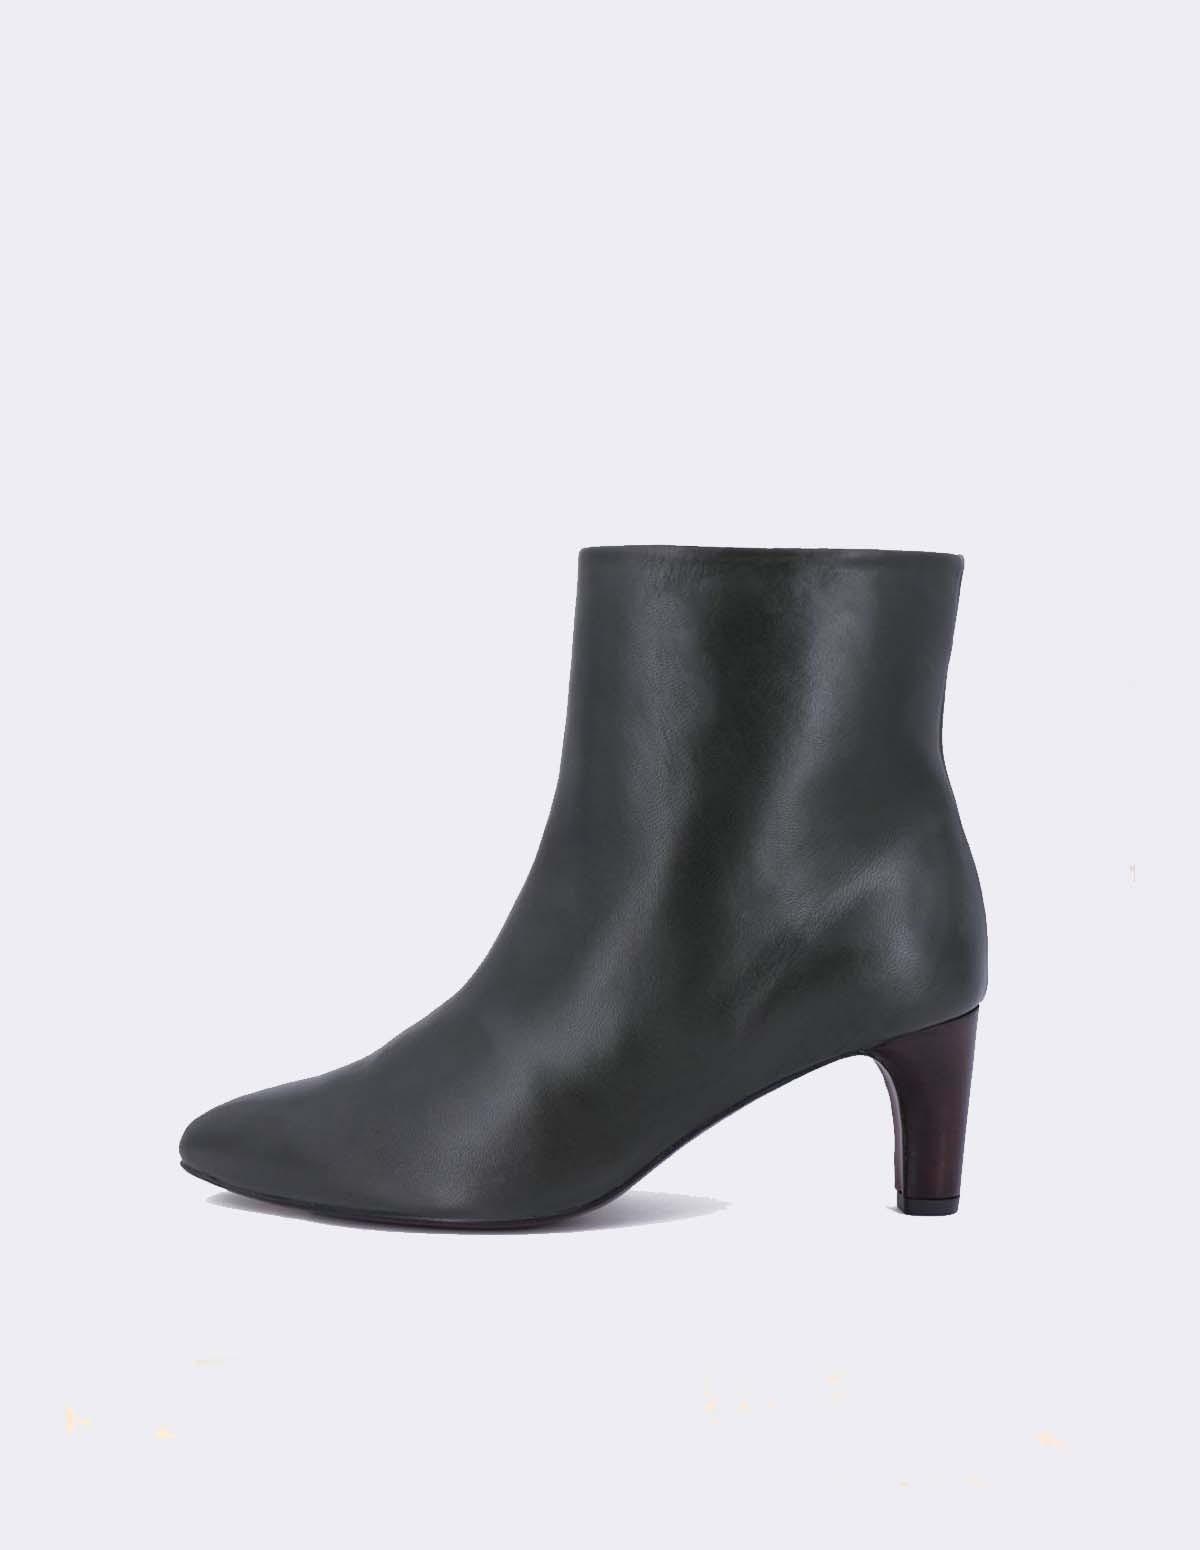 Ag Ines Boots - VERVEINE